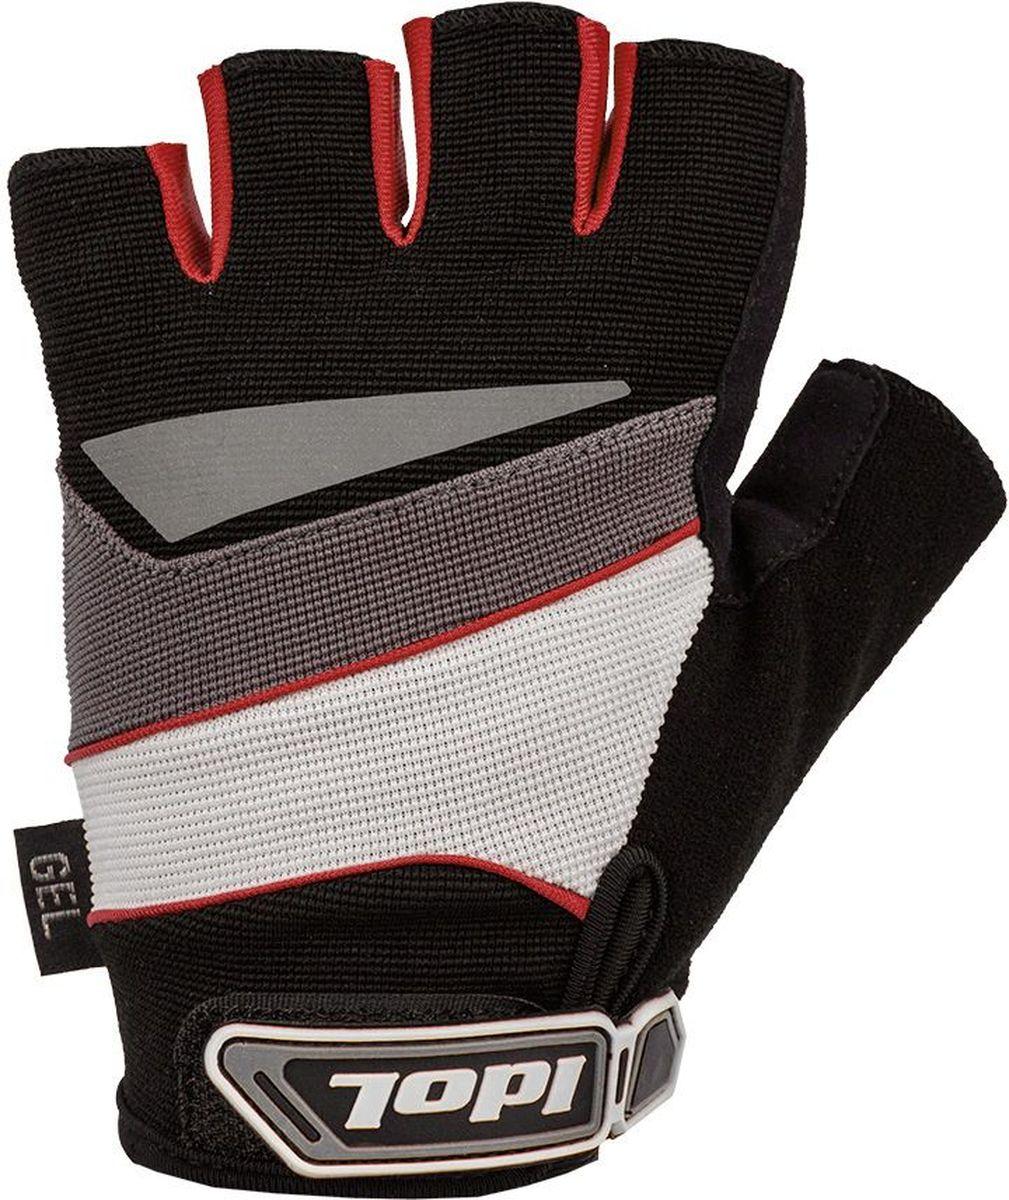 Перчатки велосипедные Idol Lech, цвет: черный, красный. Размер XL2703Велосипедные перчатки Idol, LECH 2703 предназначены для велоспорта, велотуризма, велосипедных прогулок. Линия ХС - Открытые пальцы - Верх: высококачественный материал 4-way stretch повышенной дышимости - Ладонь: синтетическая кожа Amara - Гелевая вставка на ладони - Влагоотводящий материал на большом пальце - Двойной шов в критических местах - Светоотражающий элемент на тыльной стороне кисти - Веревочные петли для снимания - Липучка для фиксации перчатки на руке Высокое качество материалов, стильный дизайн, функциональность и прочность выделяют велоперчатки Idol среди прочих.